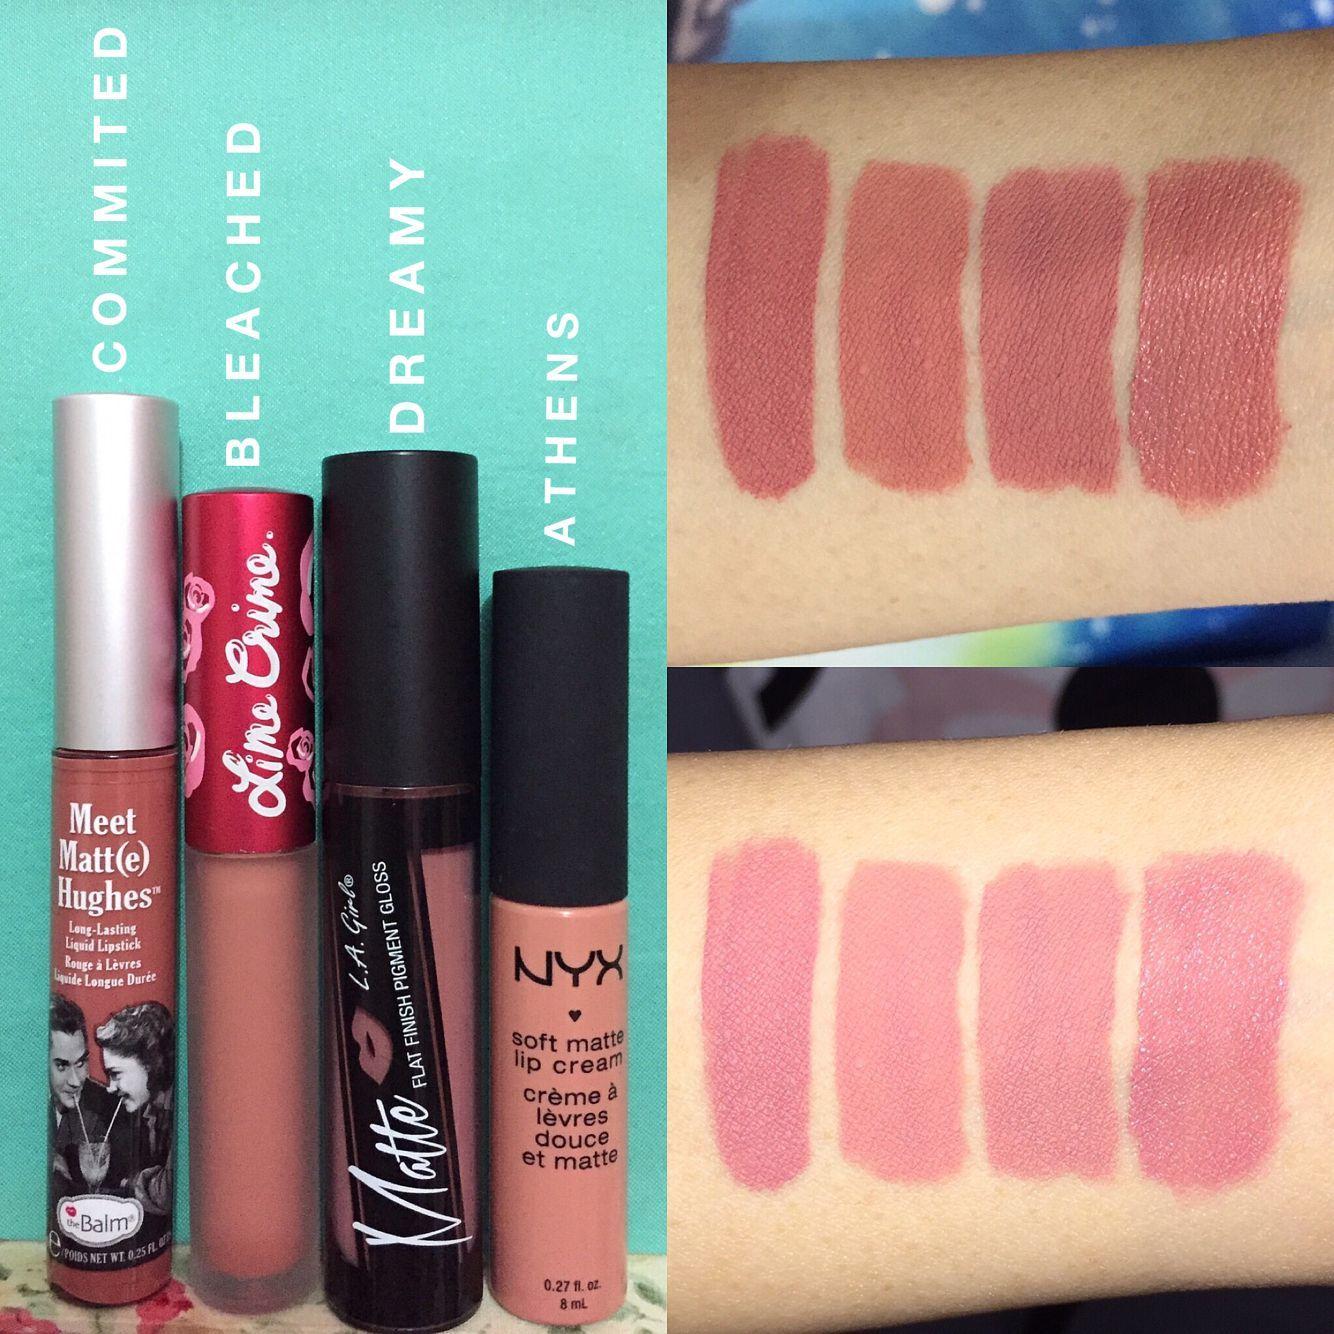 Dupe Nude Pinks (L-R): theBalm Meet Matt(e) Hughes liquid lipstick